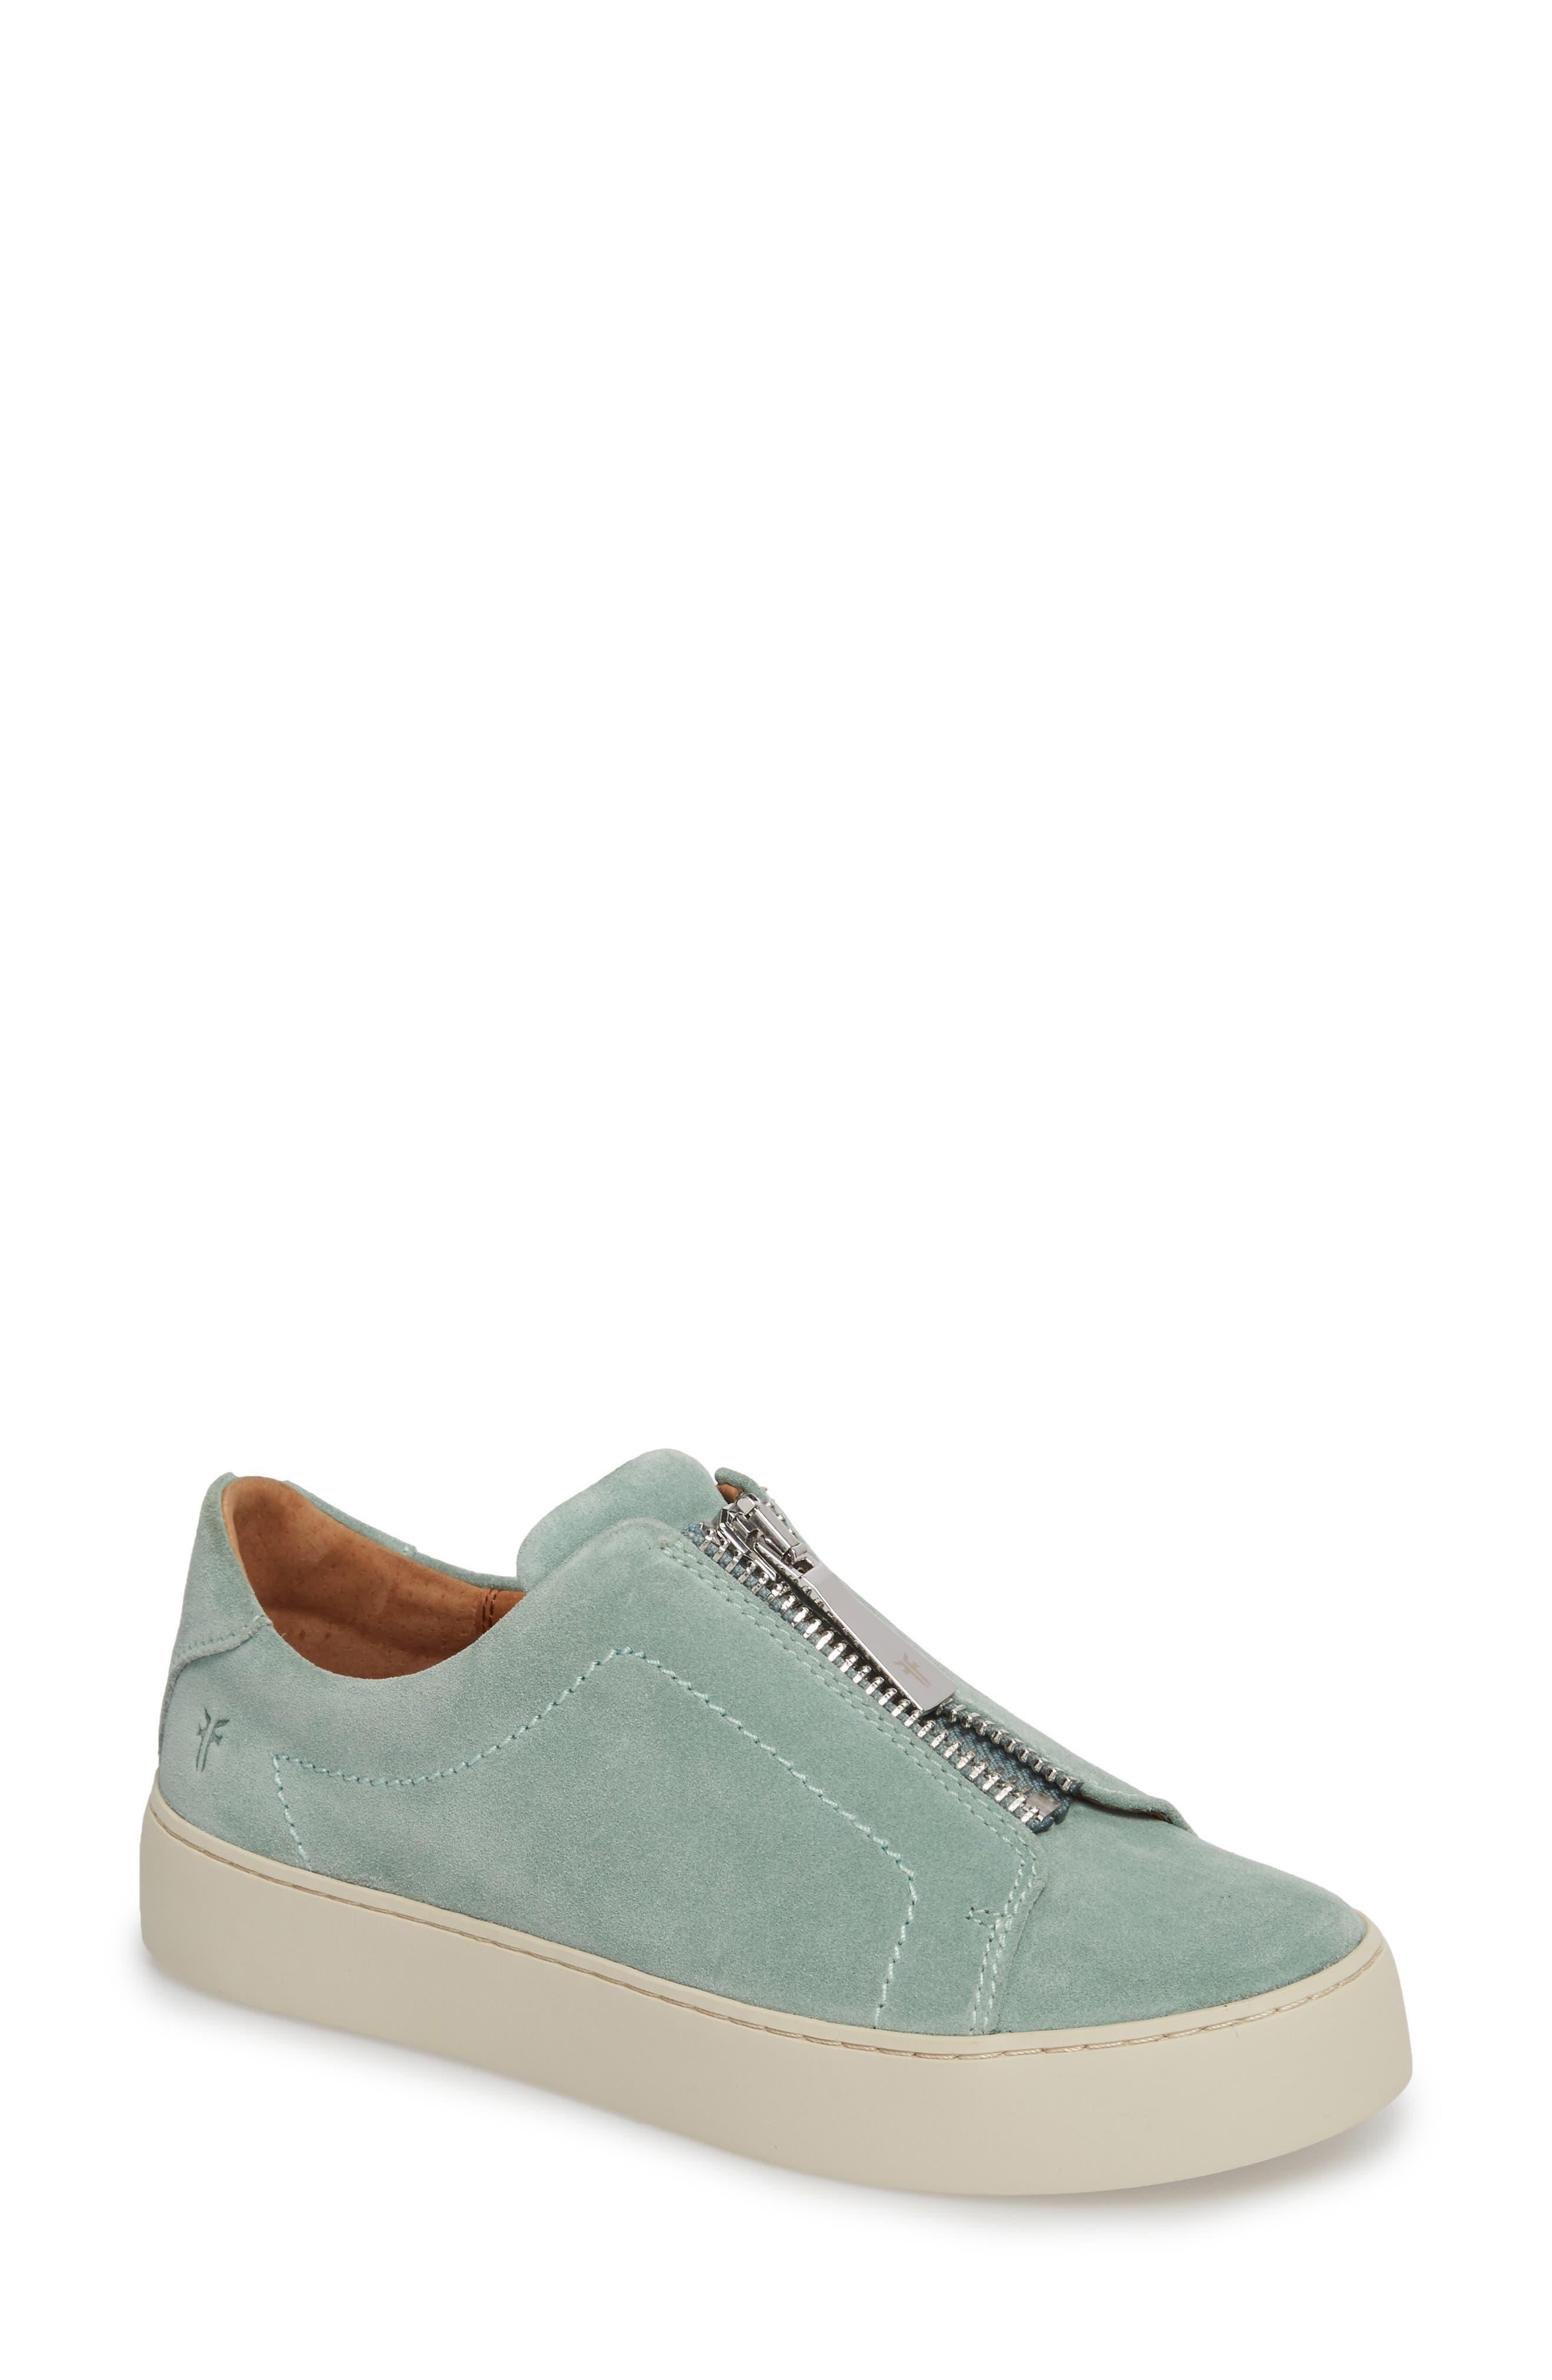 Lena Zip Sneaker,                             Main thumbnail 1, color,                             MINT SUEDE